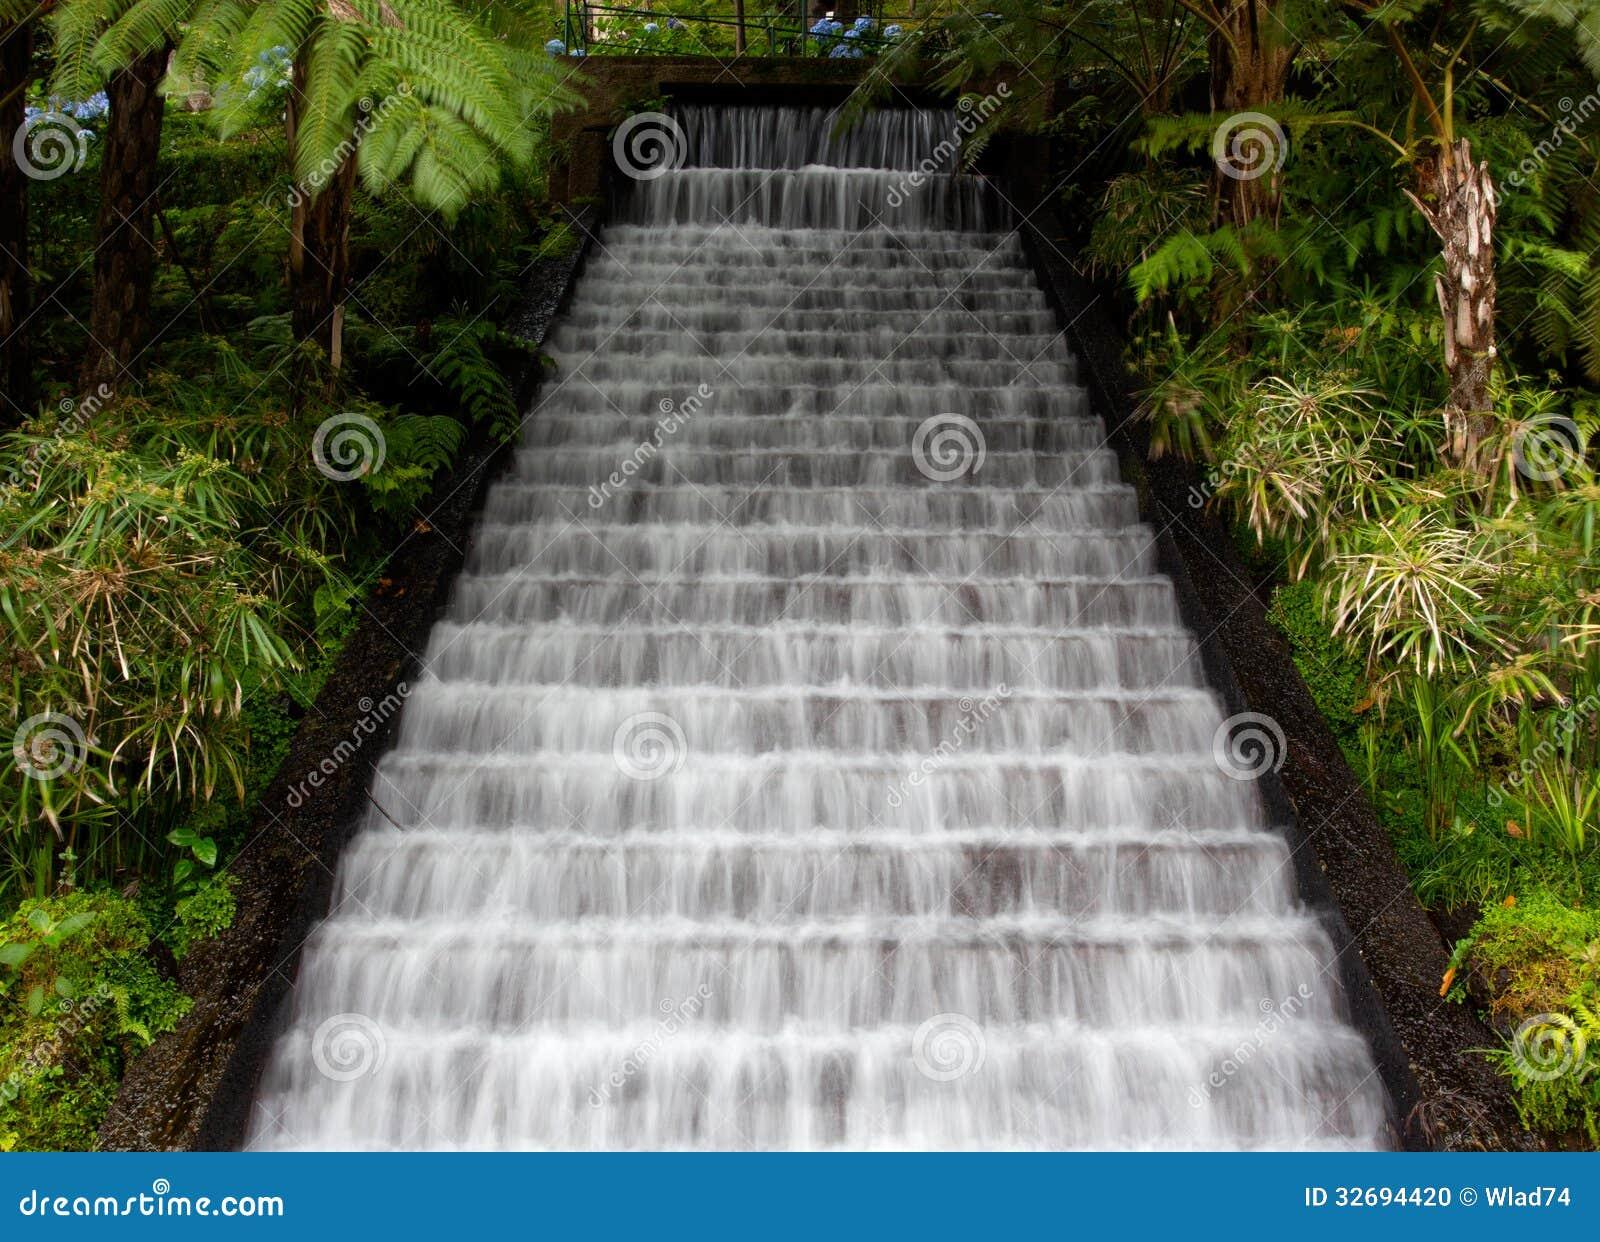 cascade dans les jardins tropicaux sur la mad re photo stock image 32694420. Black Bedroom Furniture Sets. Home Design Ideas